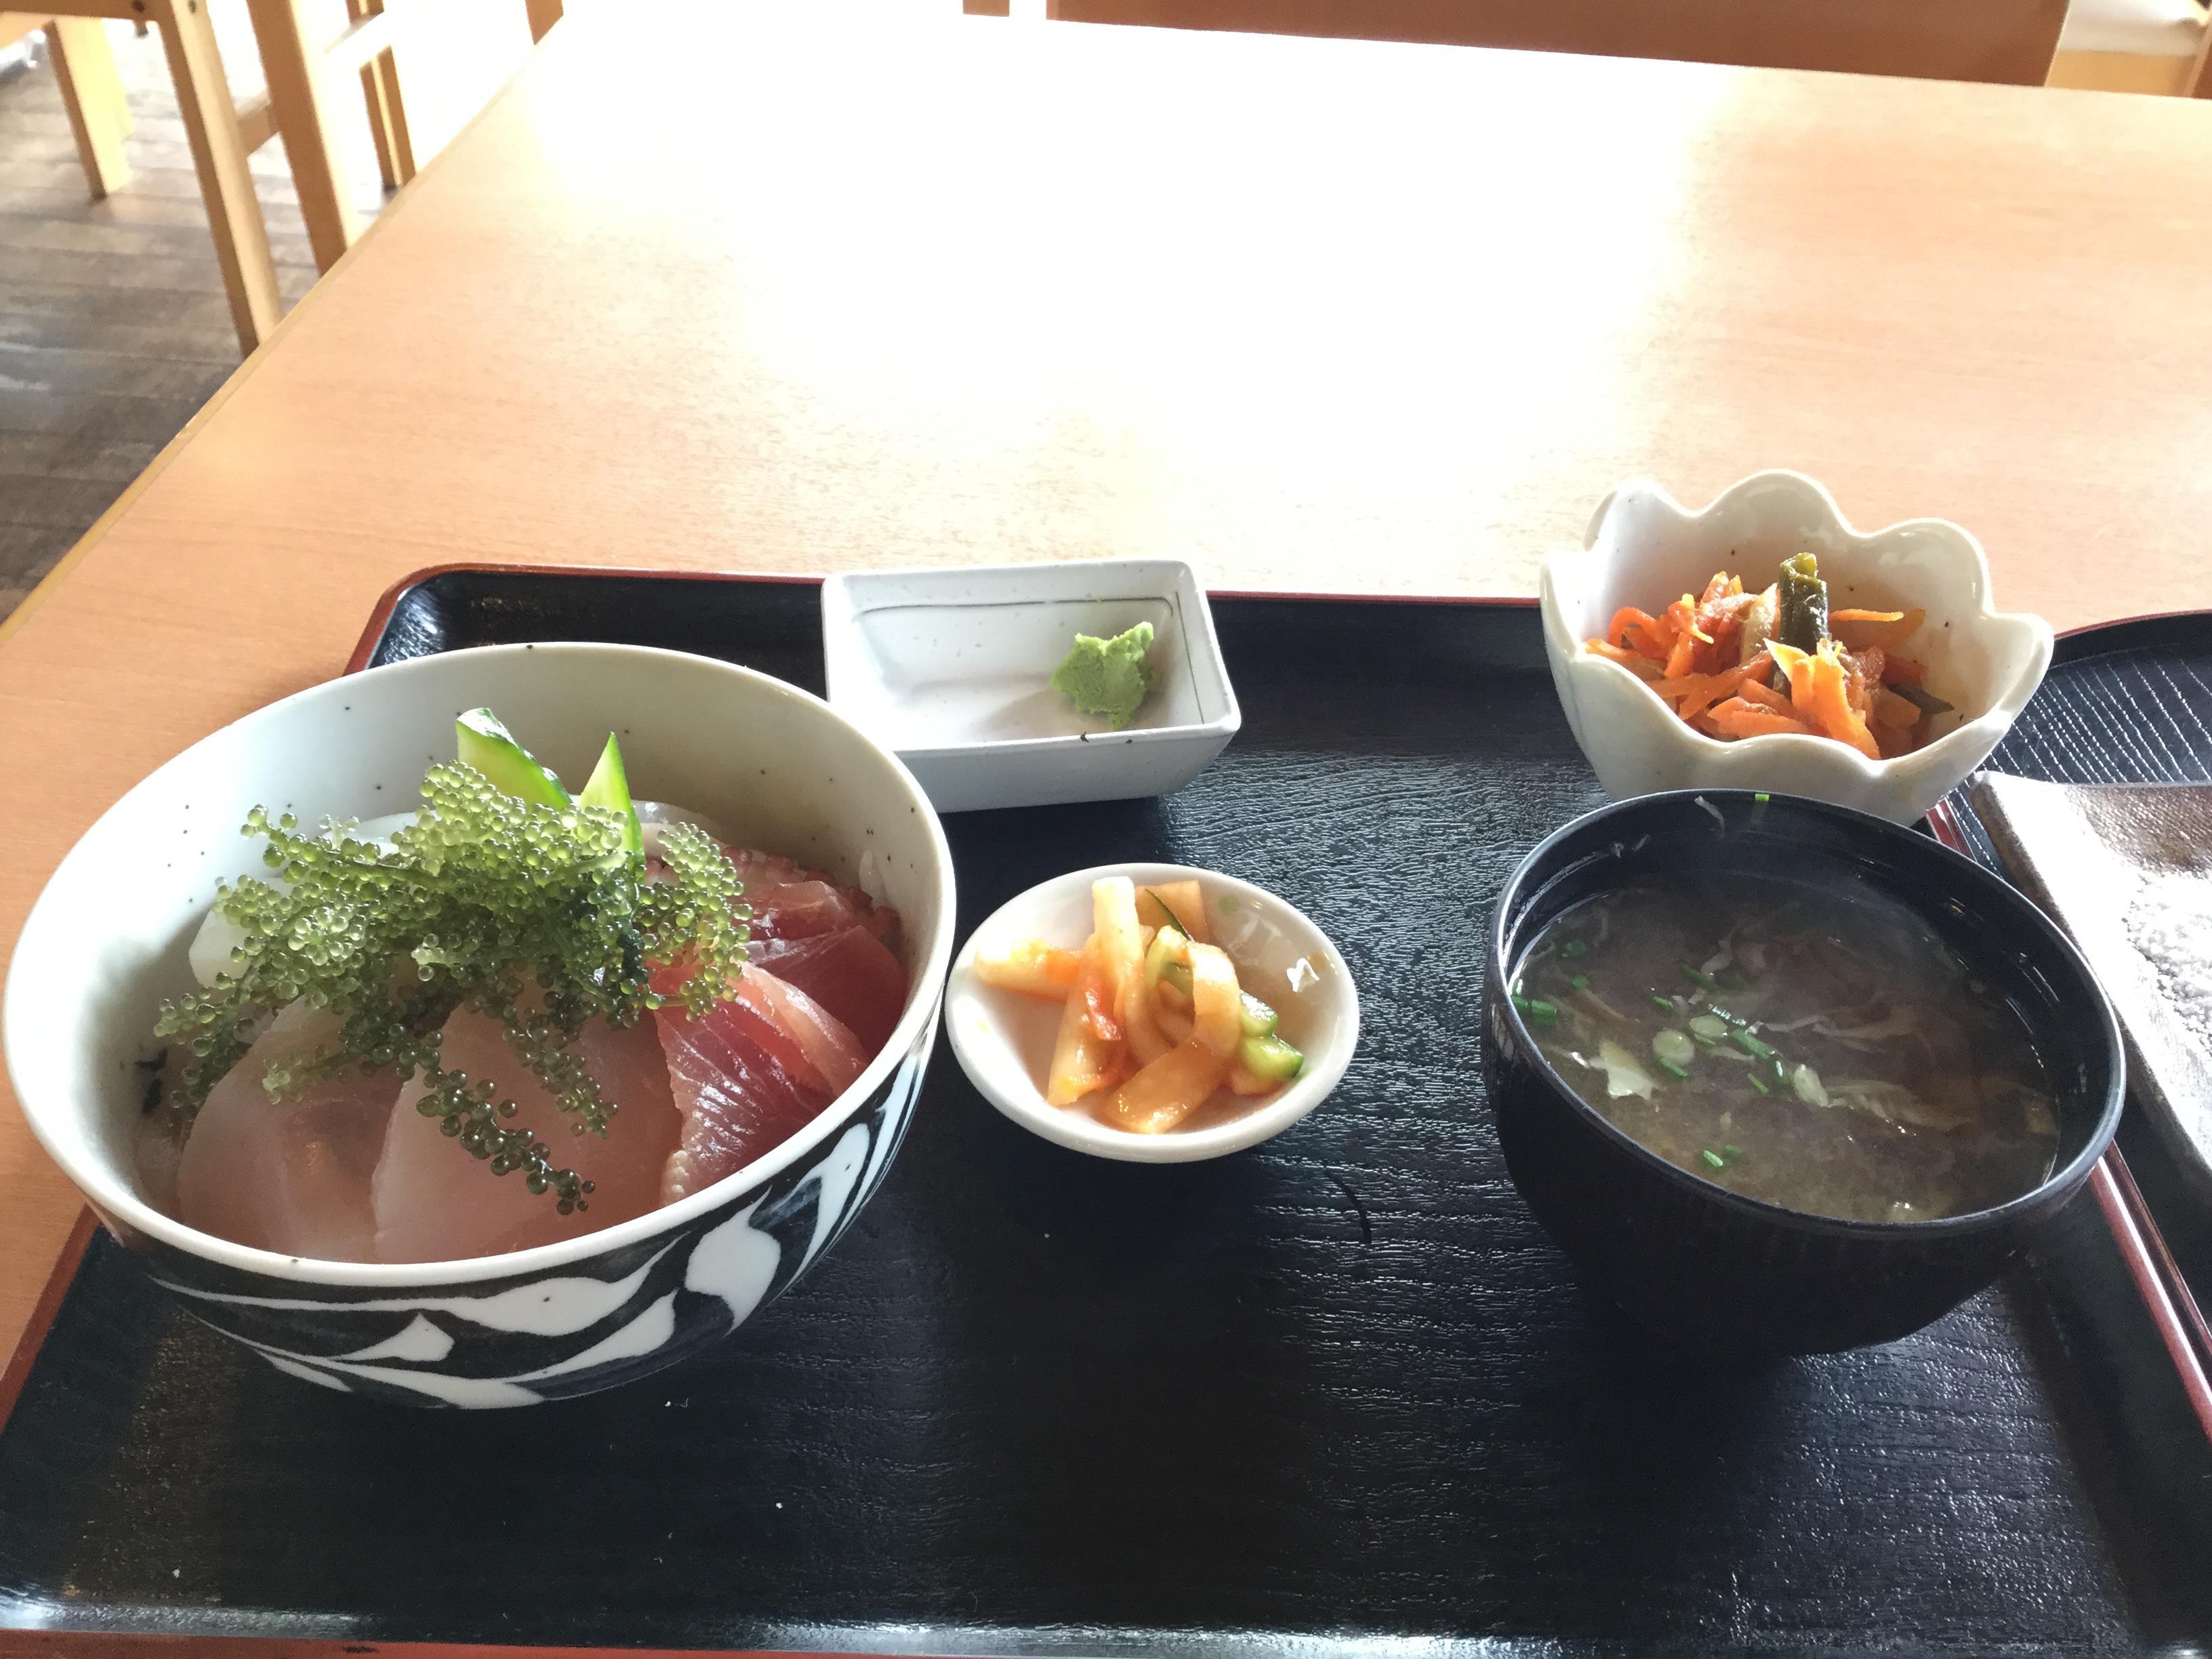 沖縄・南城市「食事処とくじん」は久高島にある海鮮丼を食べれる店